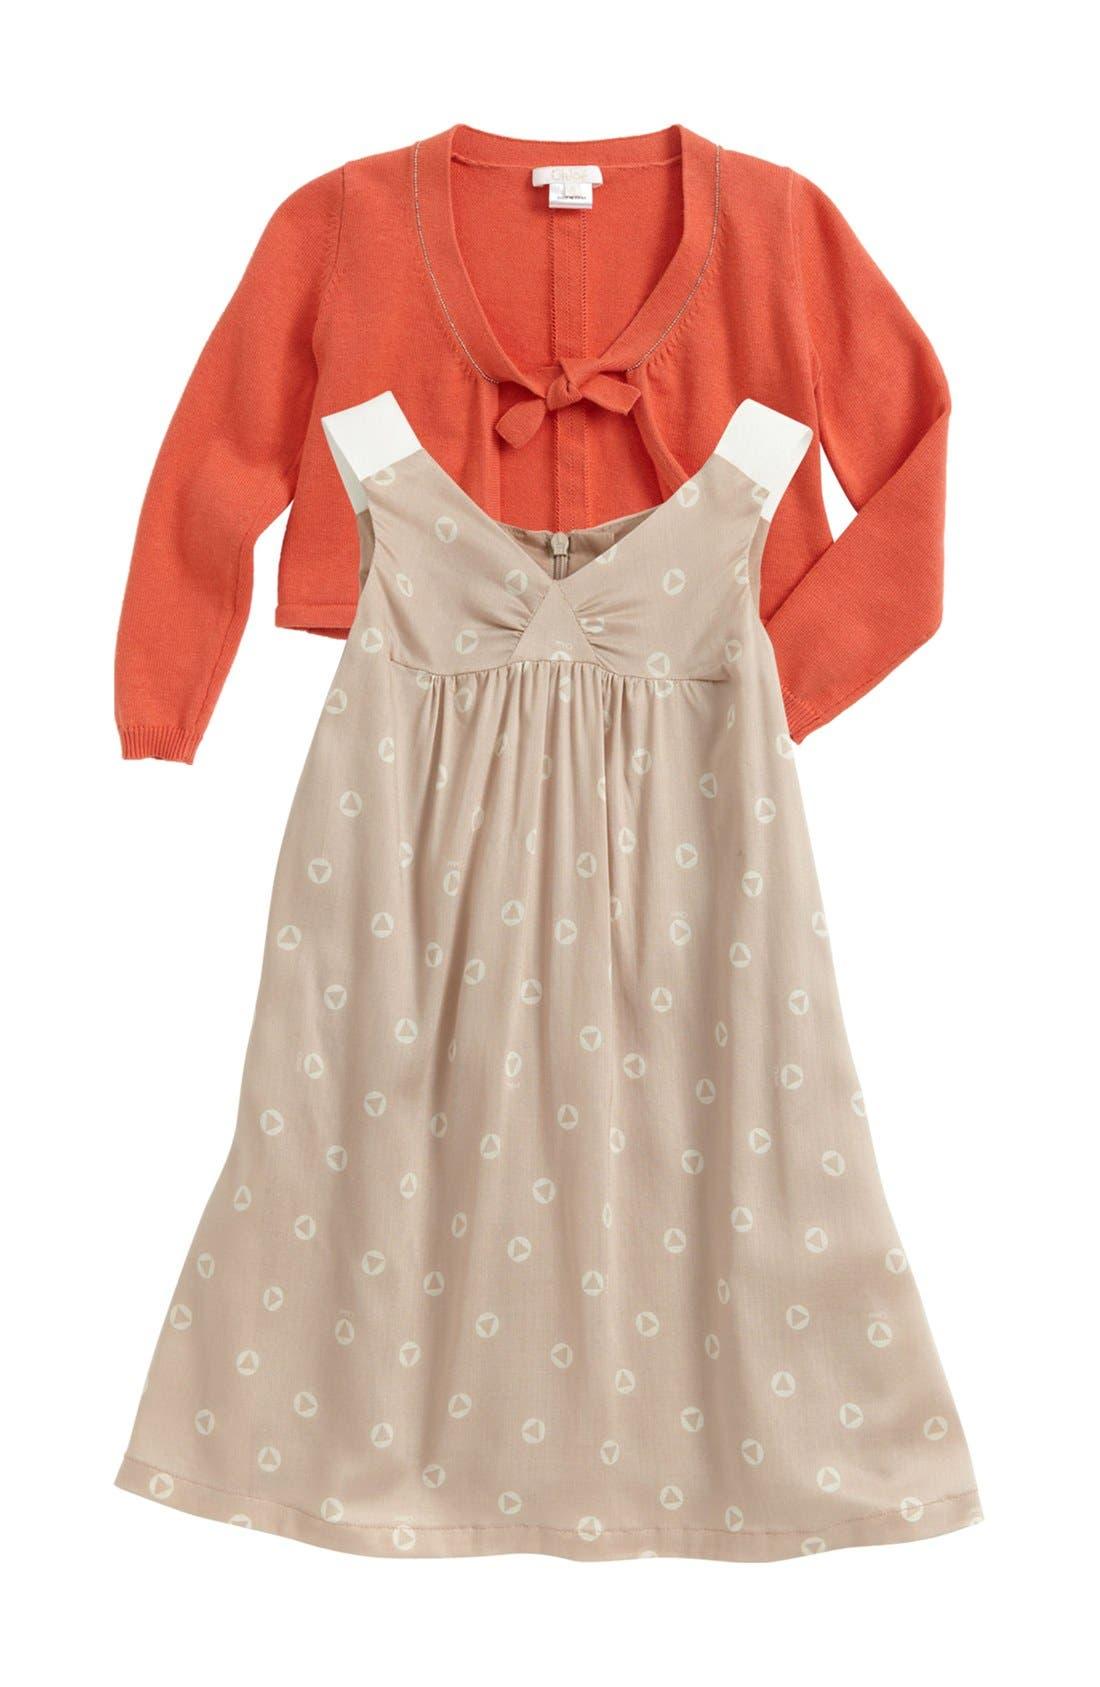 Main Image - Chloé Woven Dress (Toddler, Little Girls & Big Girls)